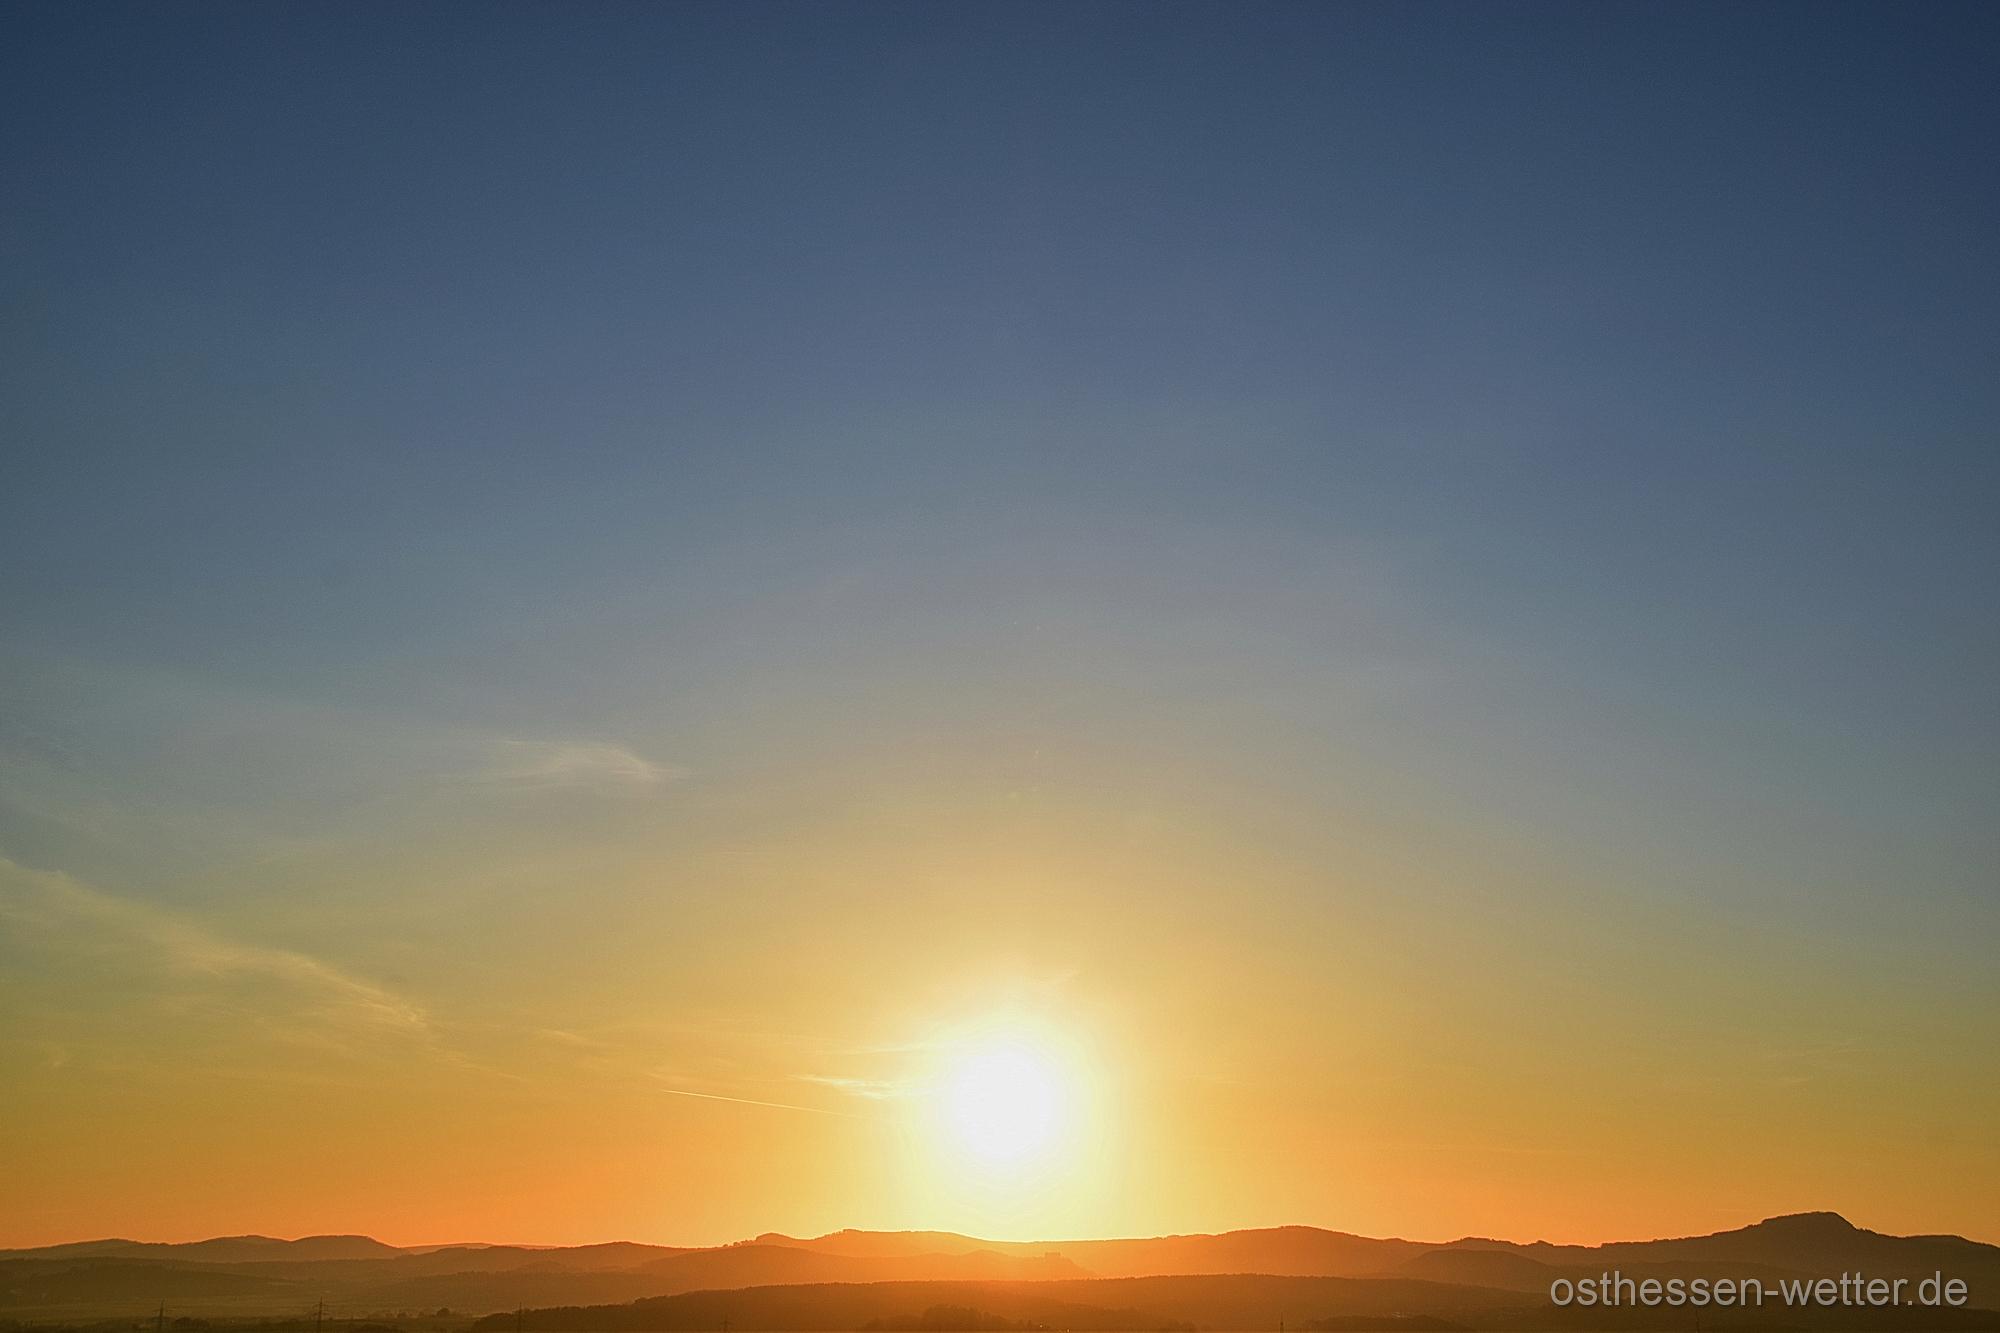 Sonnenaufgang am 10.04.2020 um 07:04:43 CEST